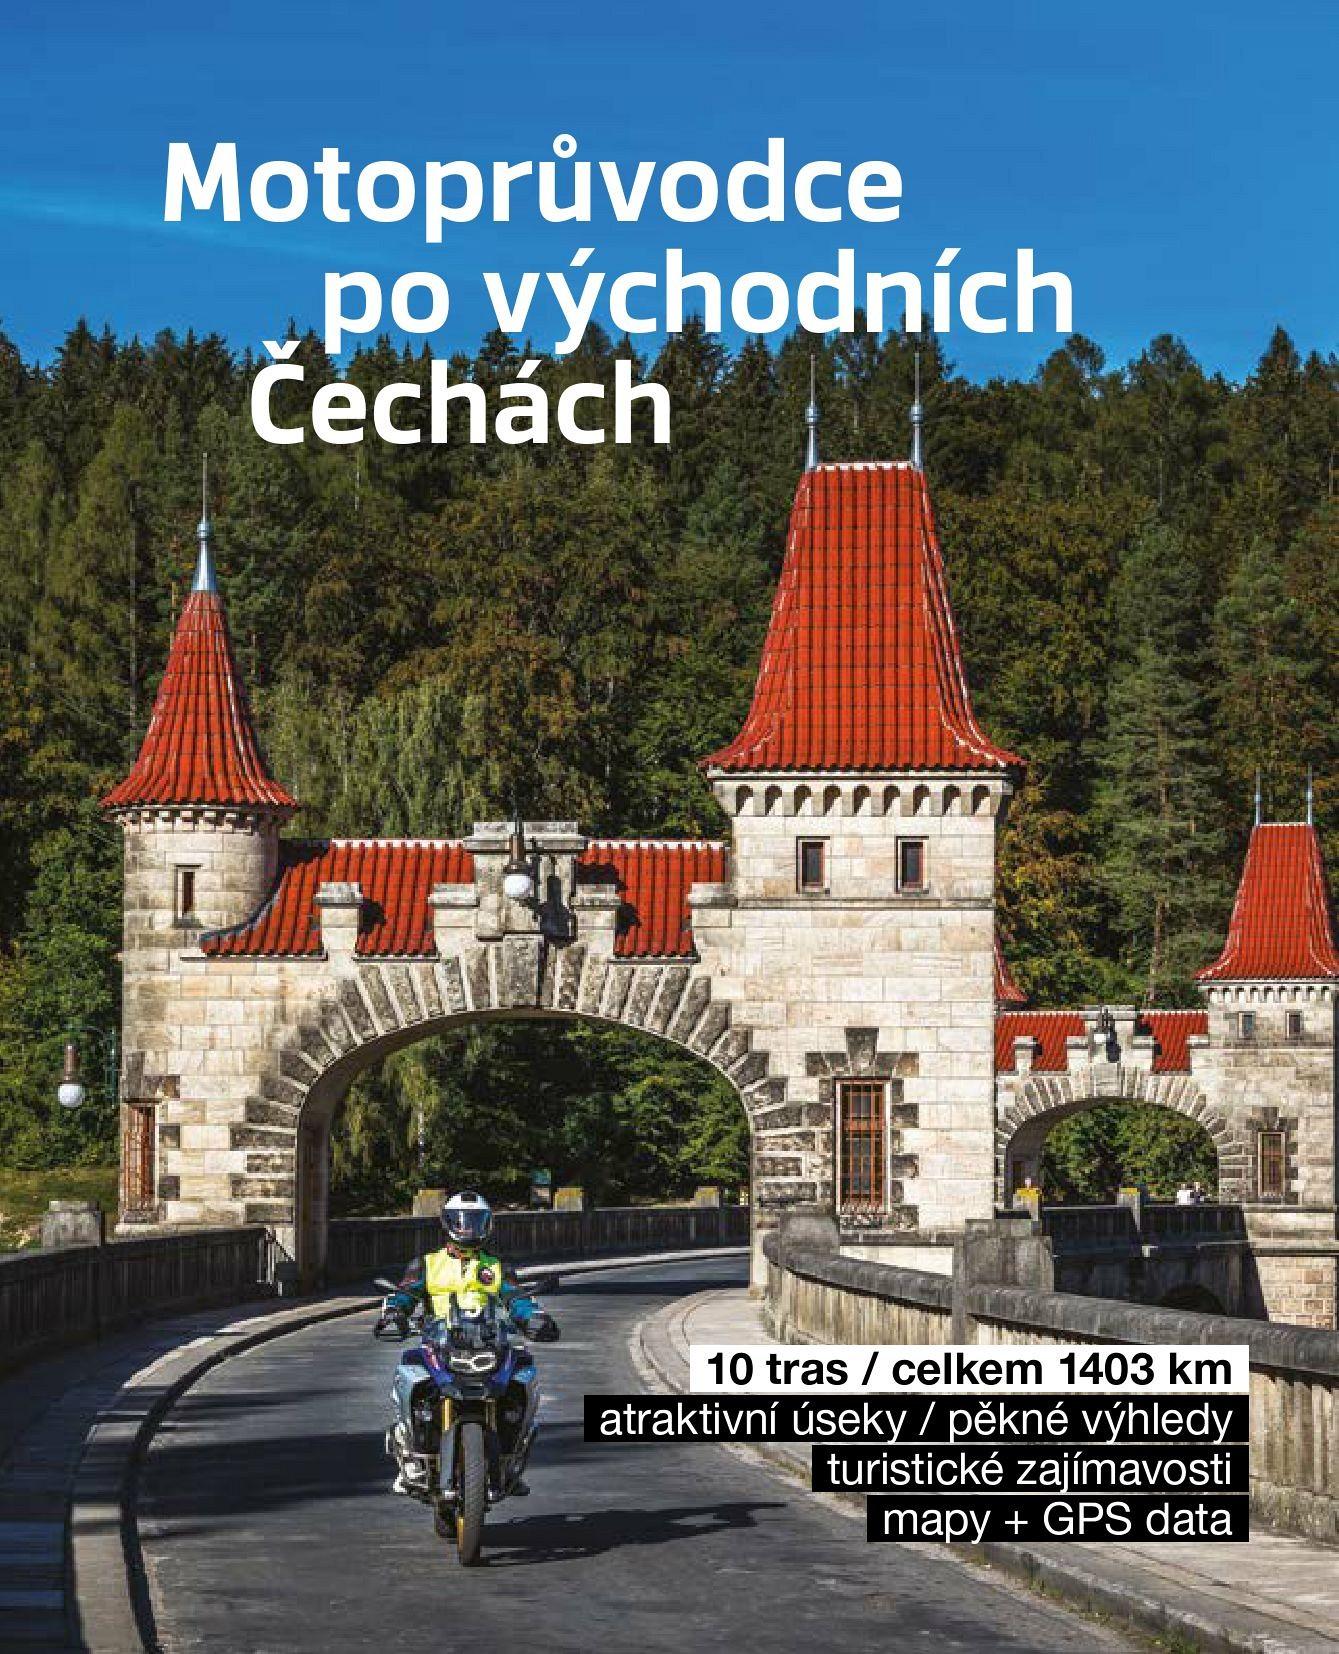 Motoprůvodce po východních Čechách